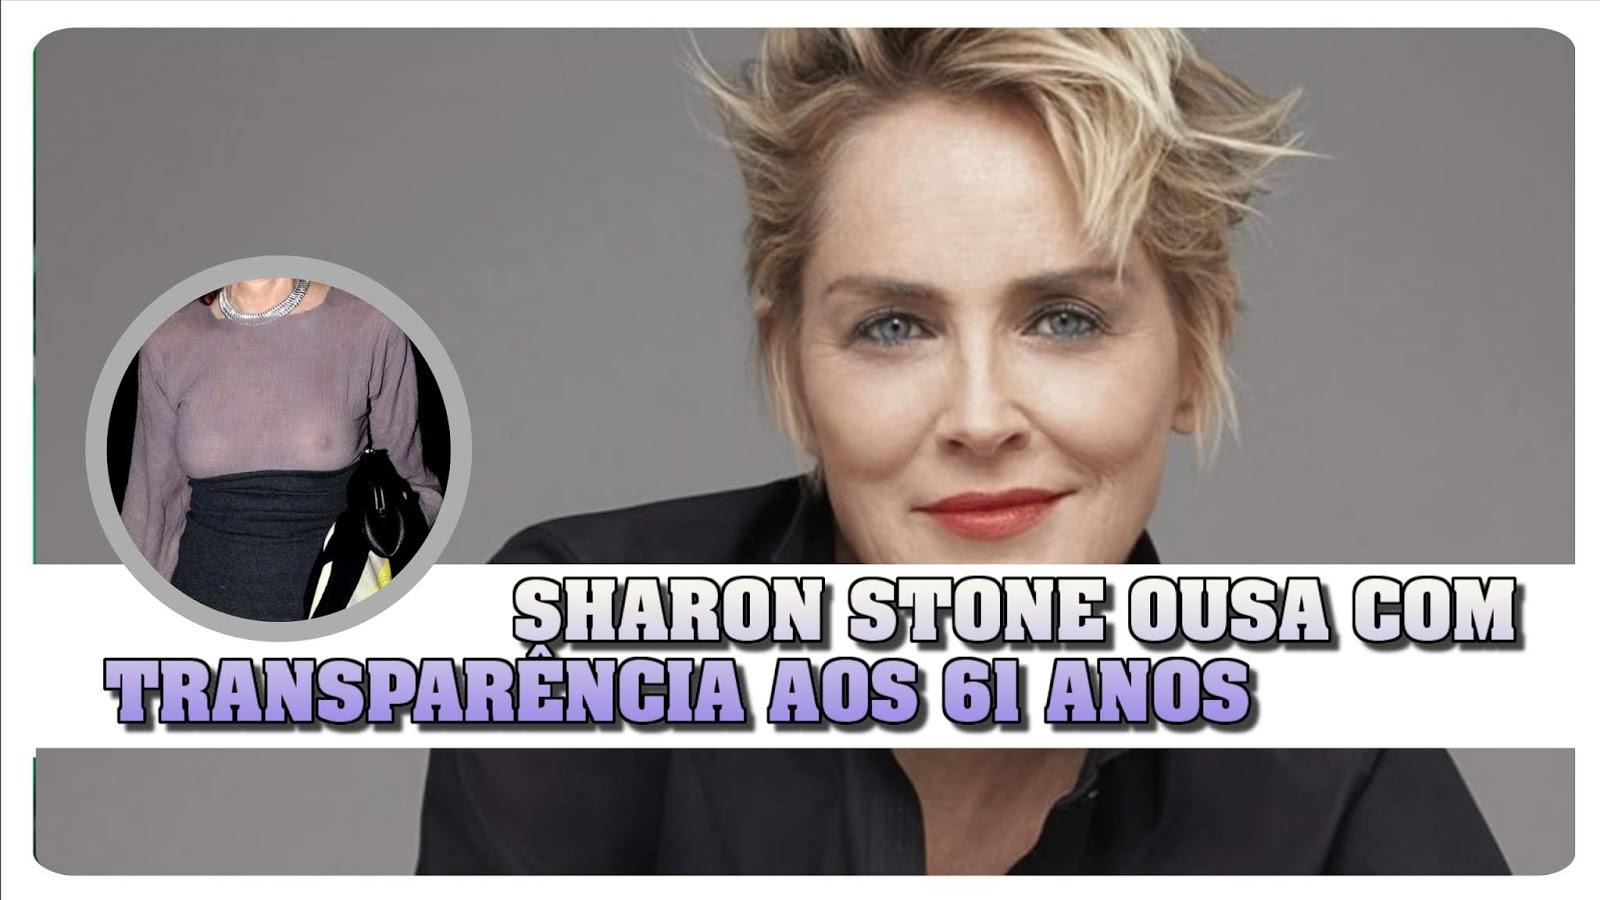 sharon-stone-ousa-com-transparencia-aos-61-anos